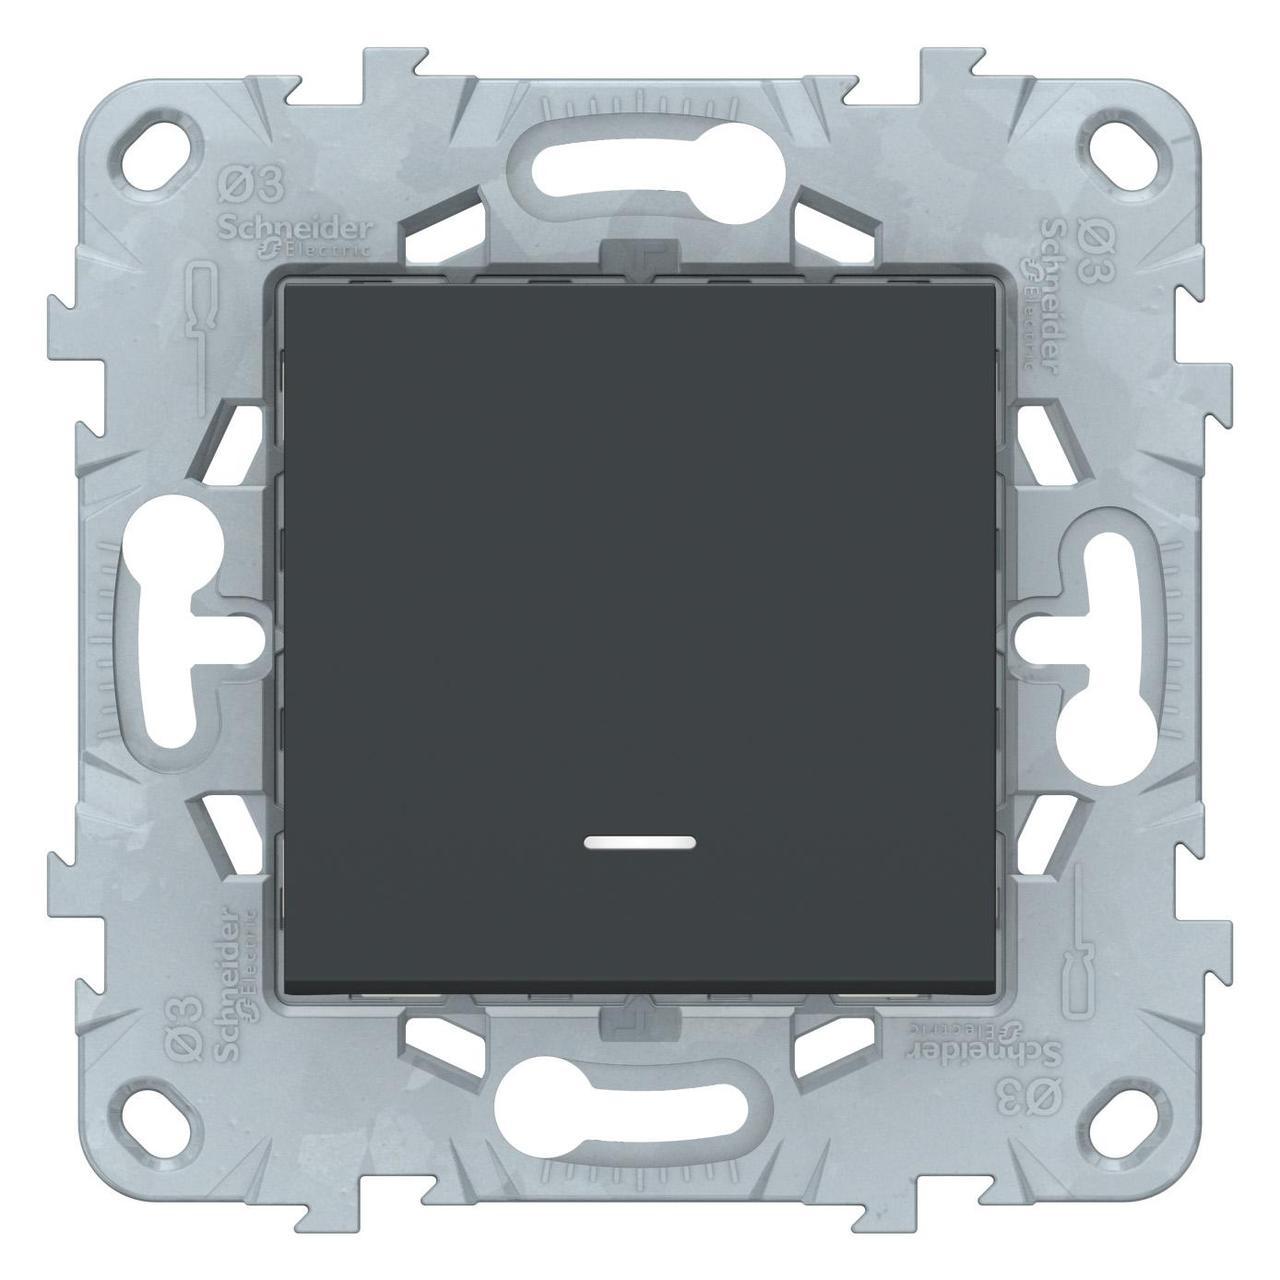 Выключатель 1-клавишный; кнопочный с подсветкой , Антрацит, серия Unica New, Schneider Electric